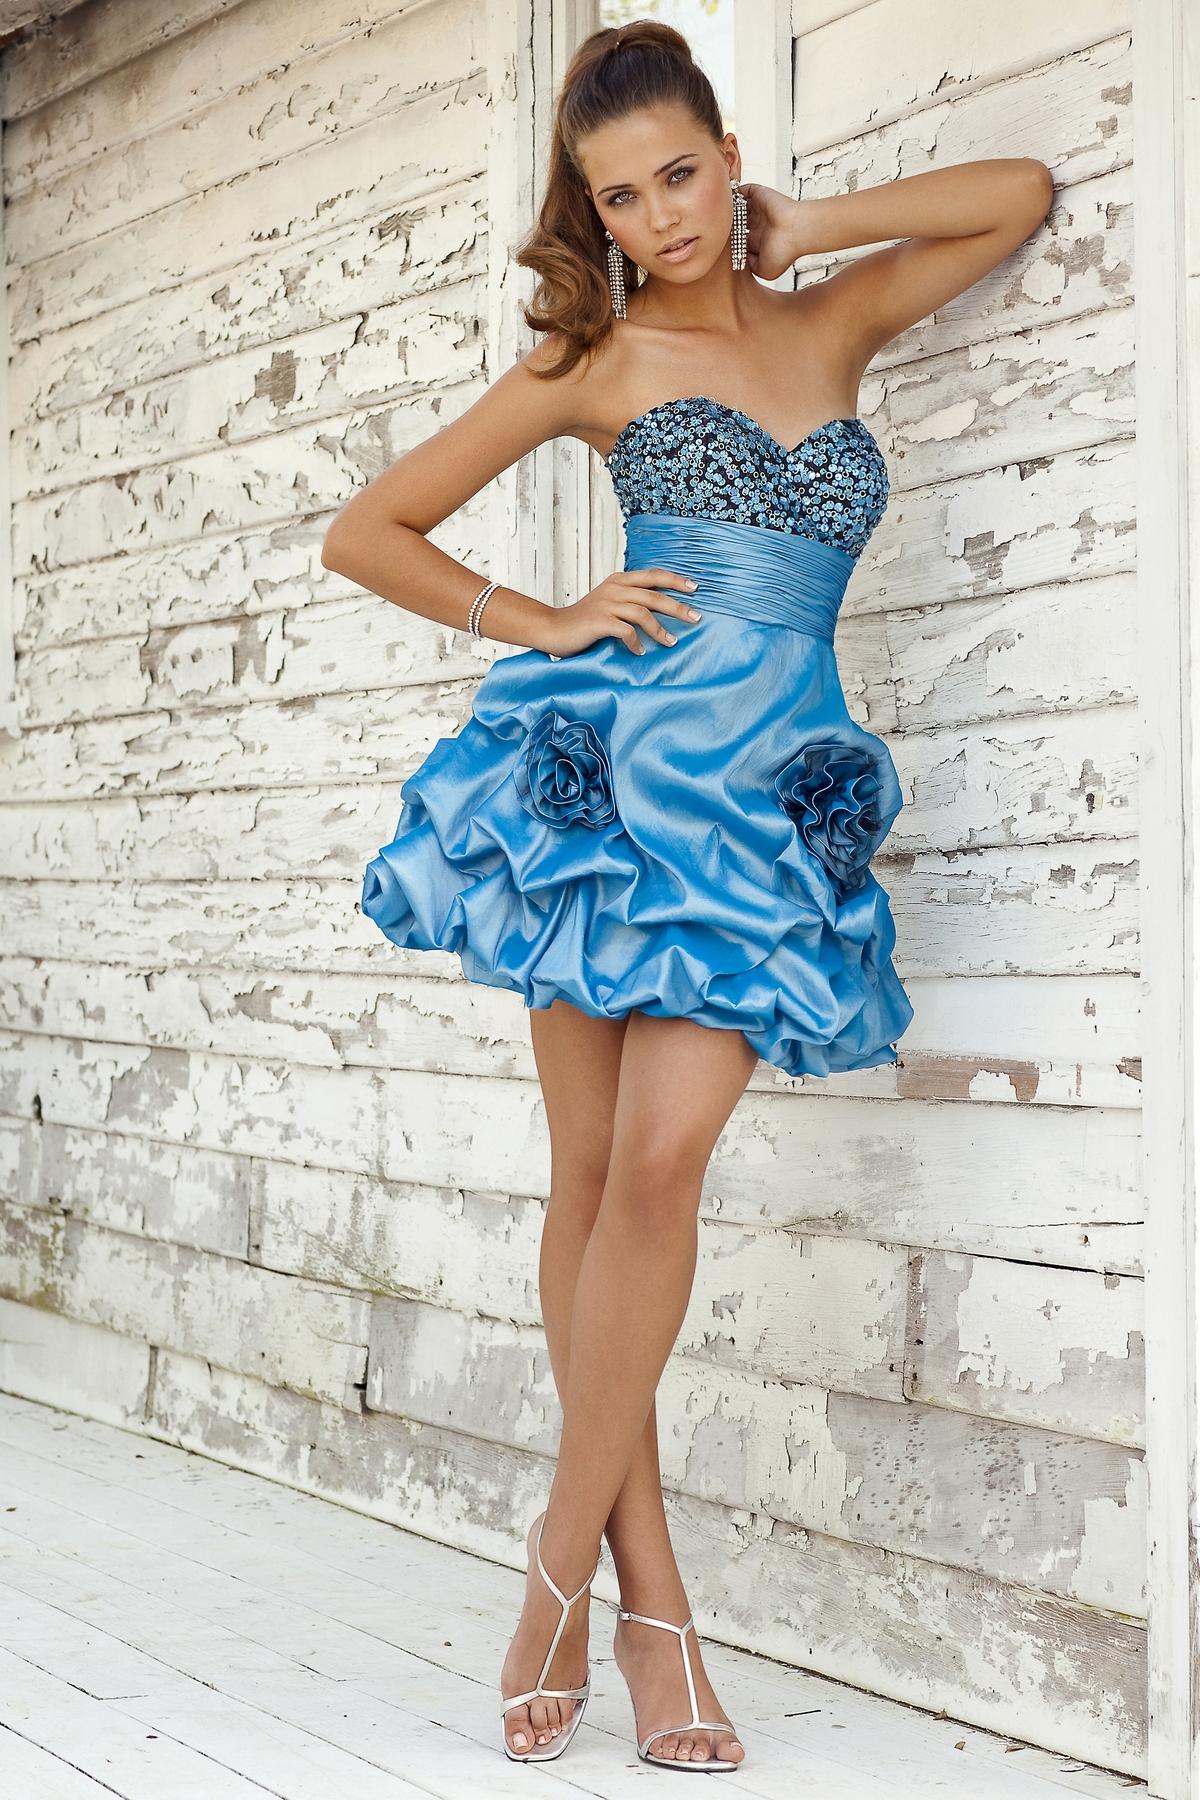 Фото в коротеньком платье 134